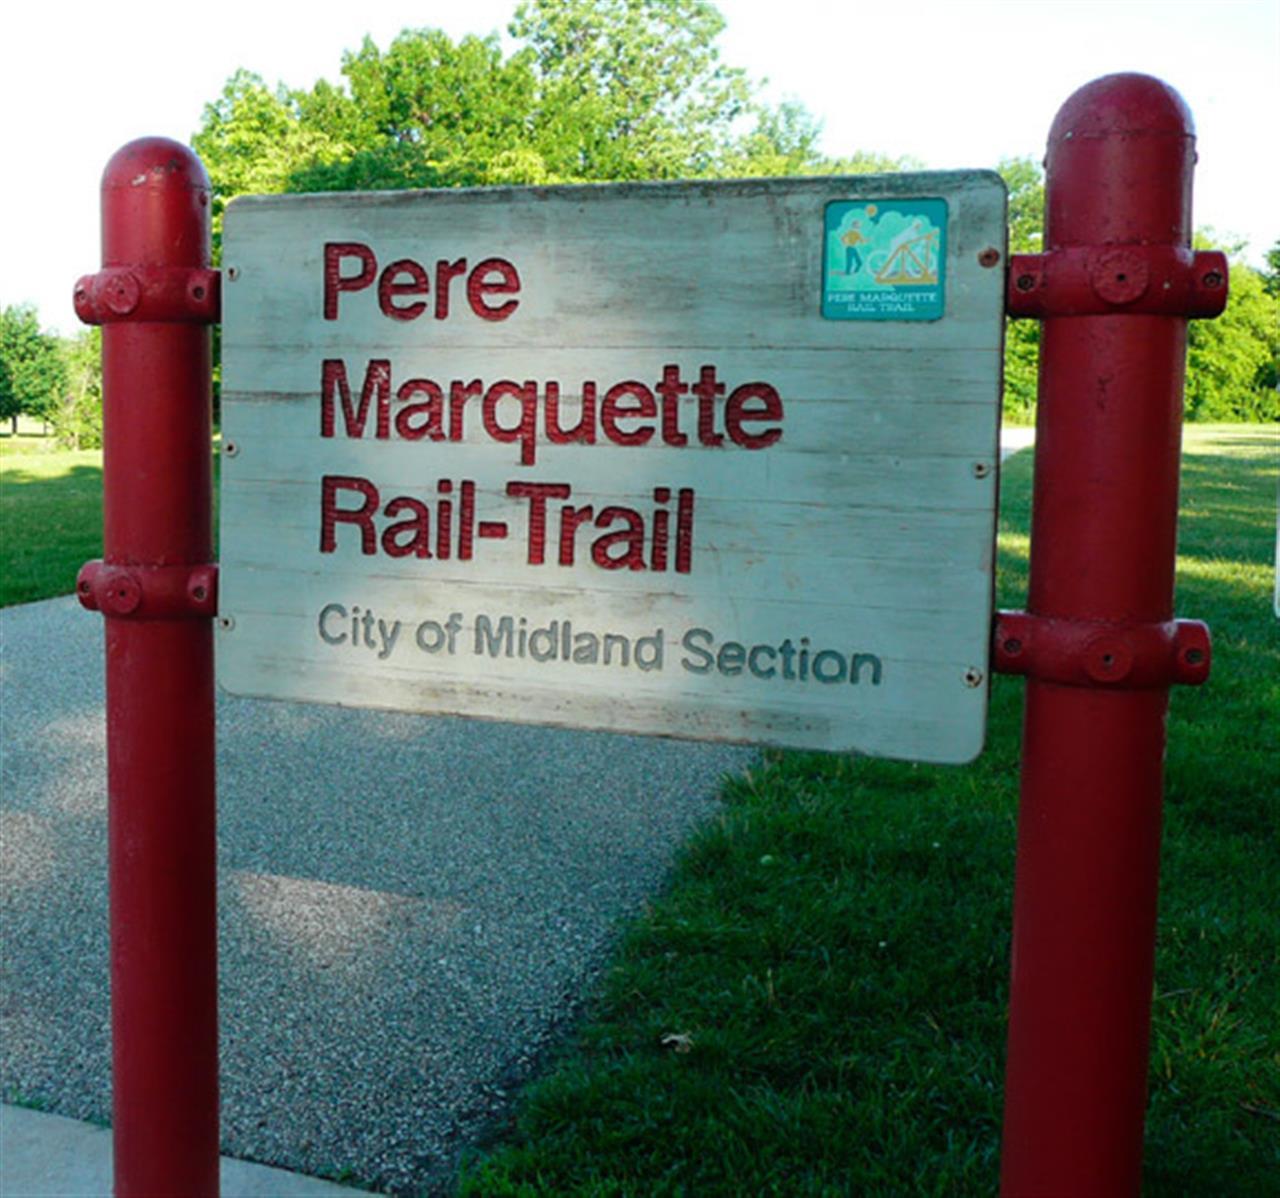 Pere Marquette Rail Trail, Midland, MI